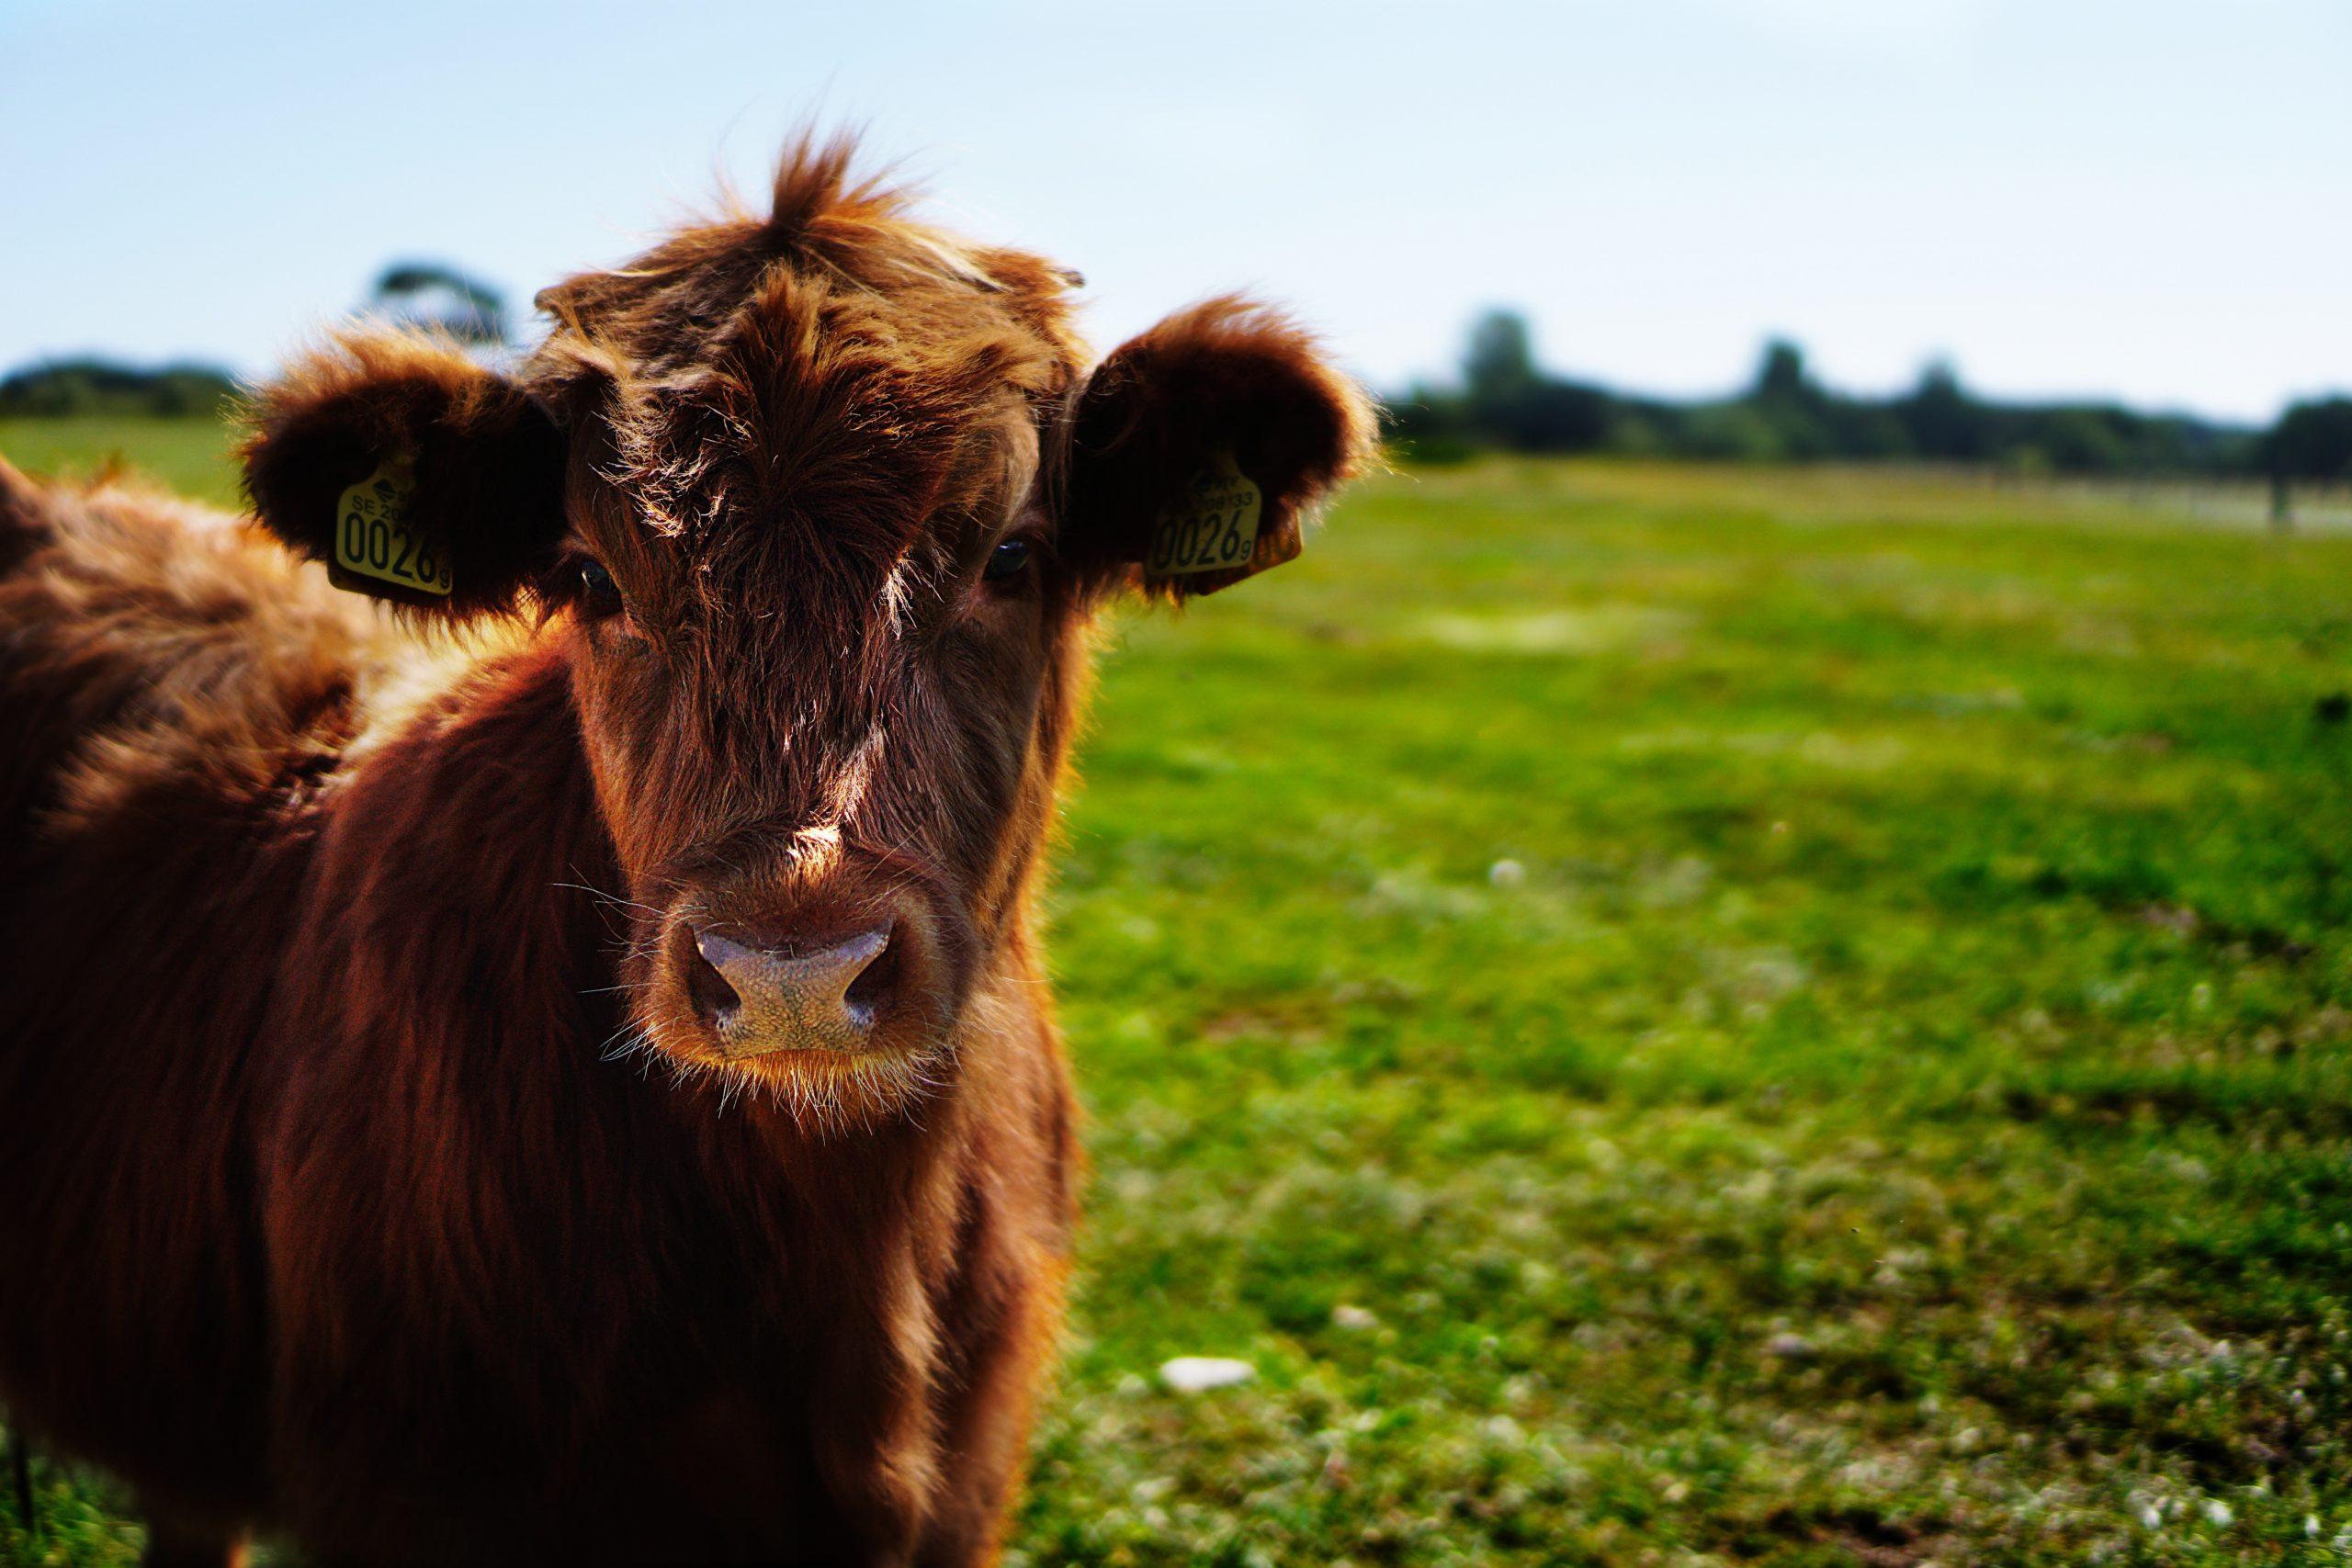 Perché i vegani non consumano latte e latticini?